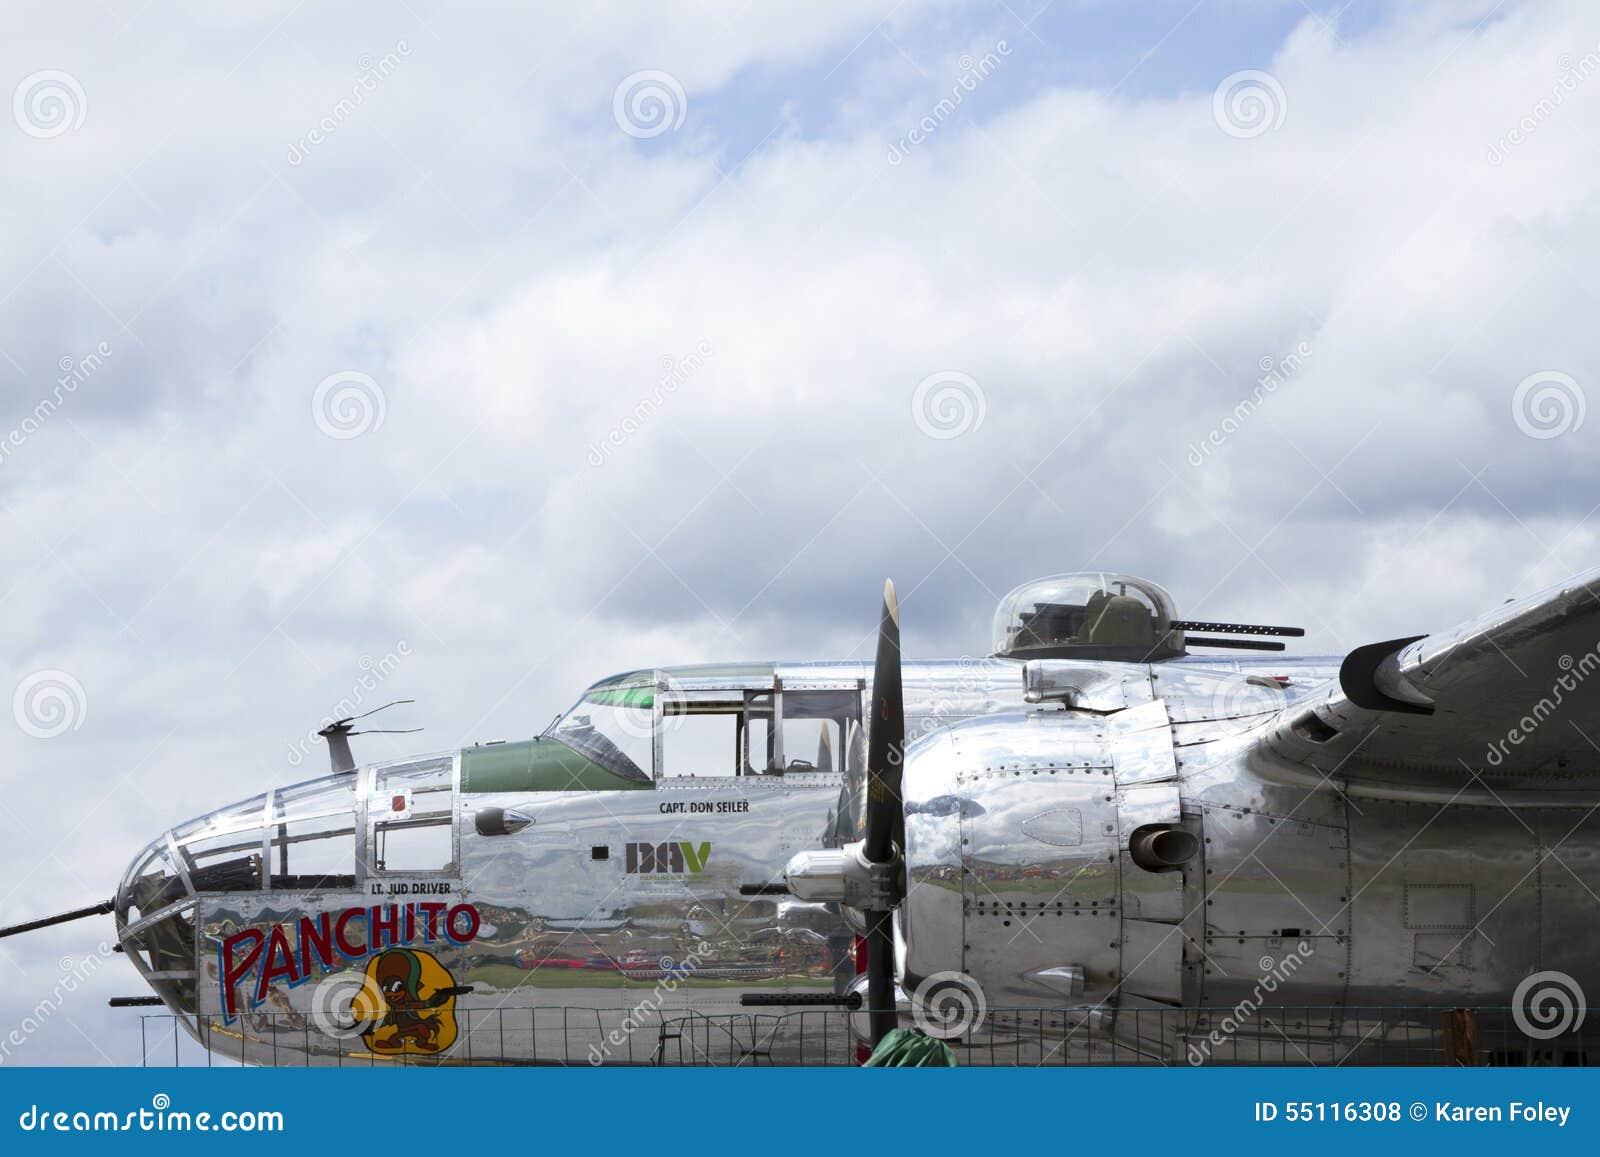 Bombardier de Panchito B25J